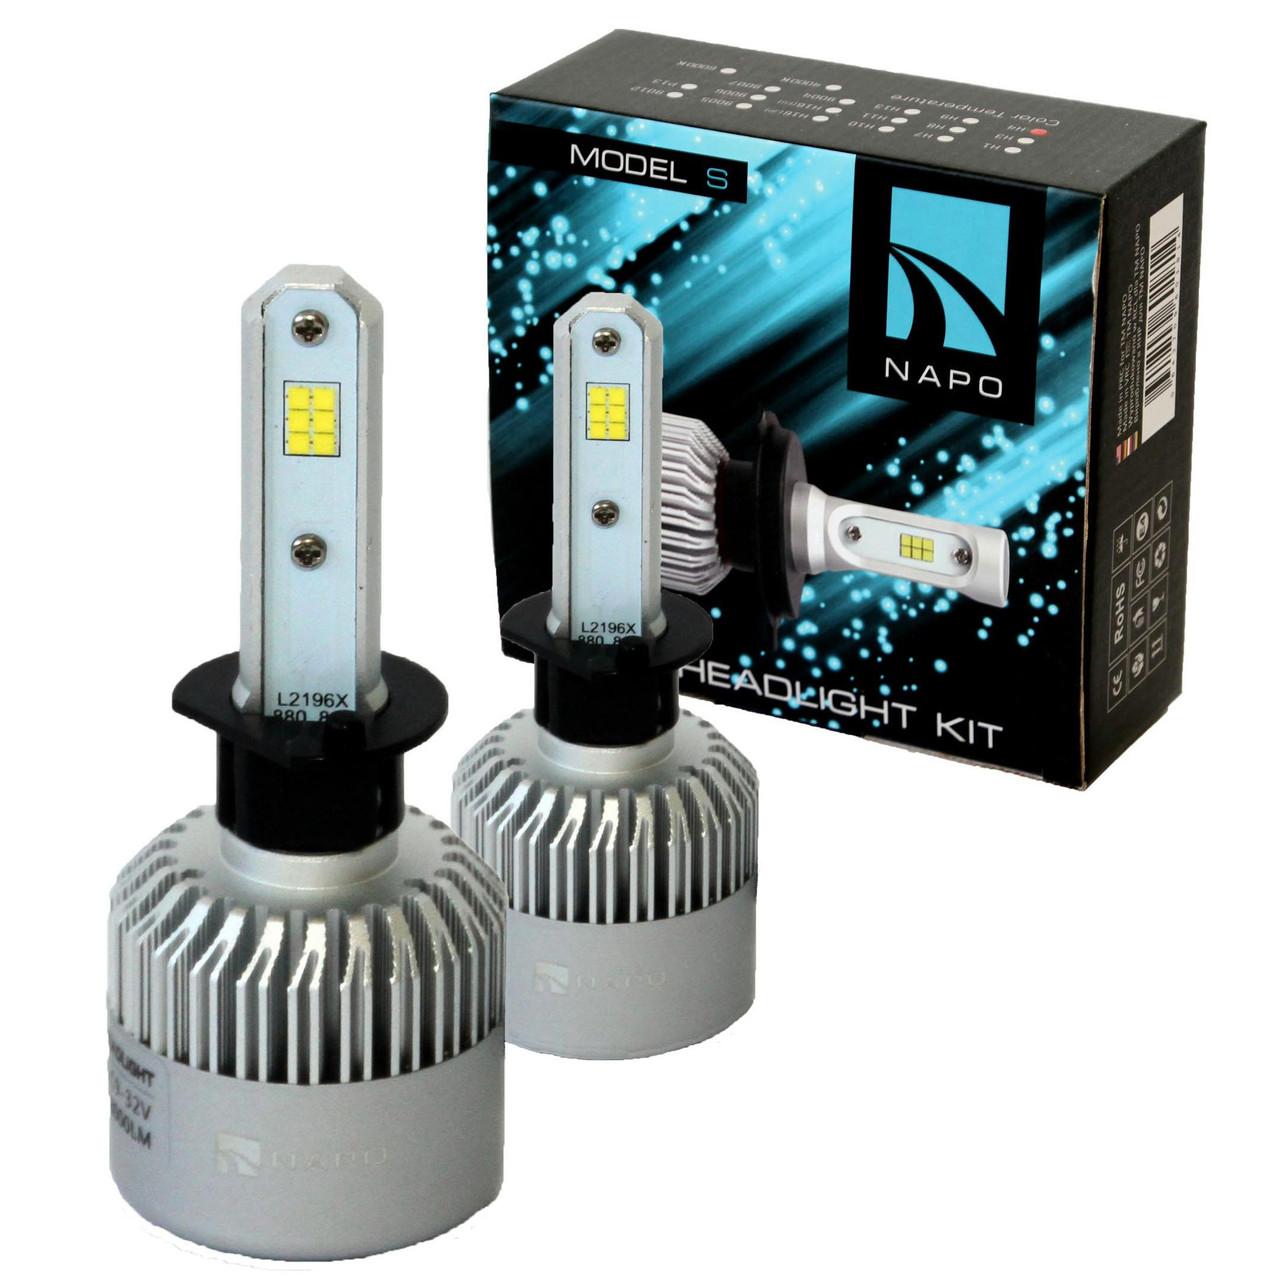 Лампа светодиодная NAPO Model S  H1  8000 Lum, цвет свечения белый, 2 шт/комплект